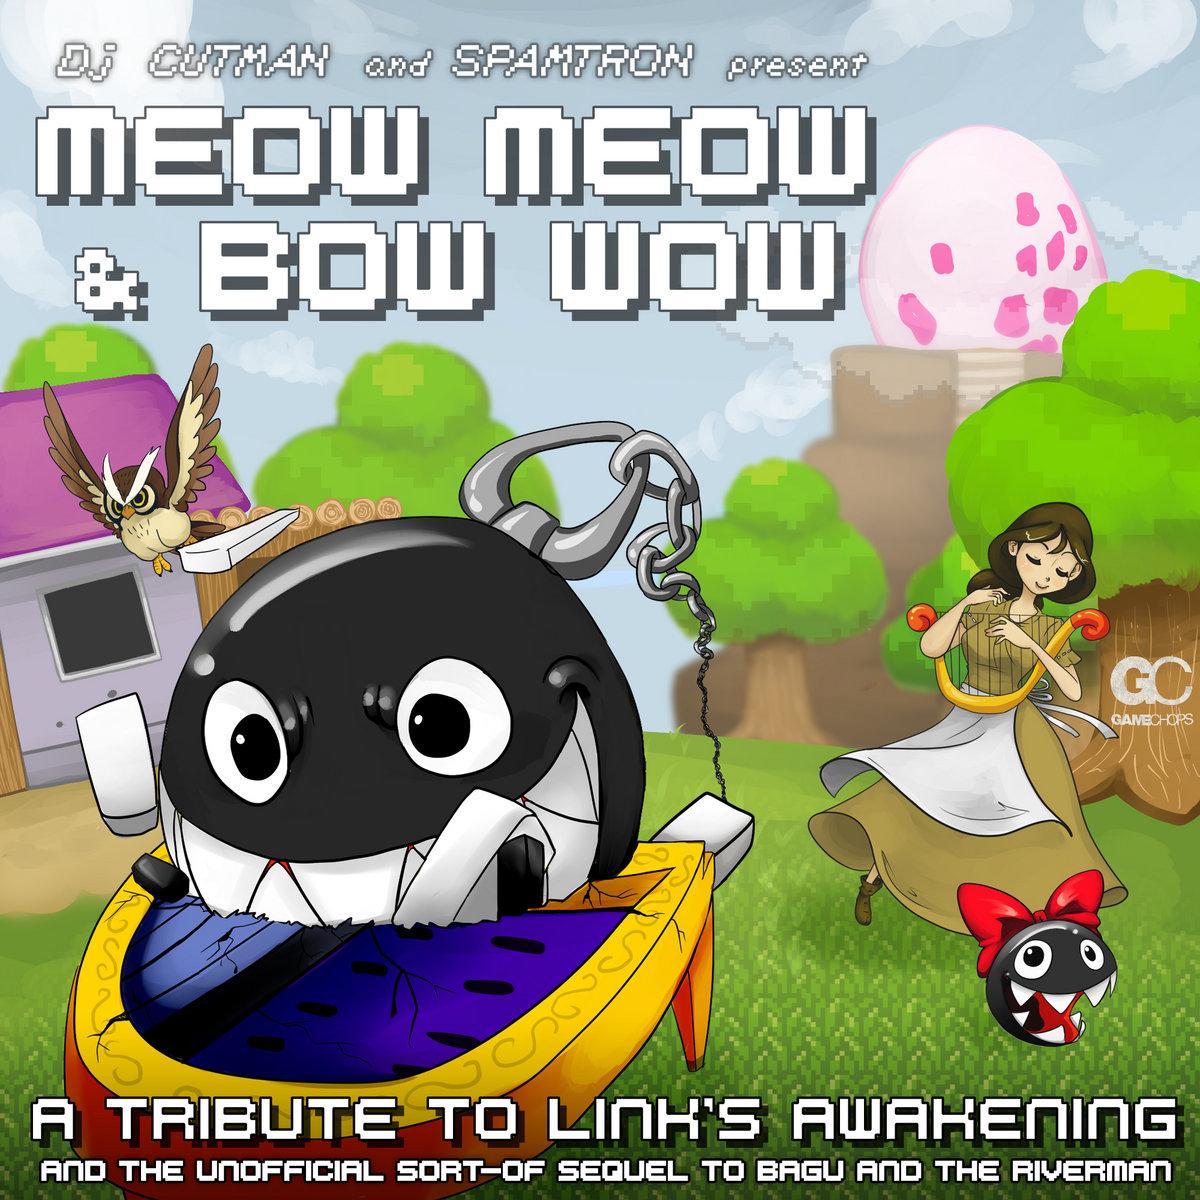 MeowMeow & BowWow | GameChops